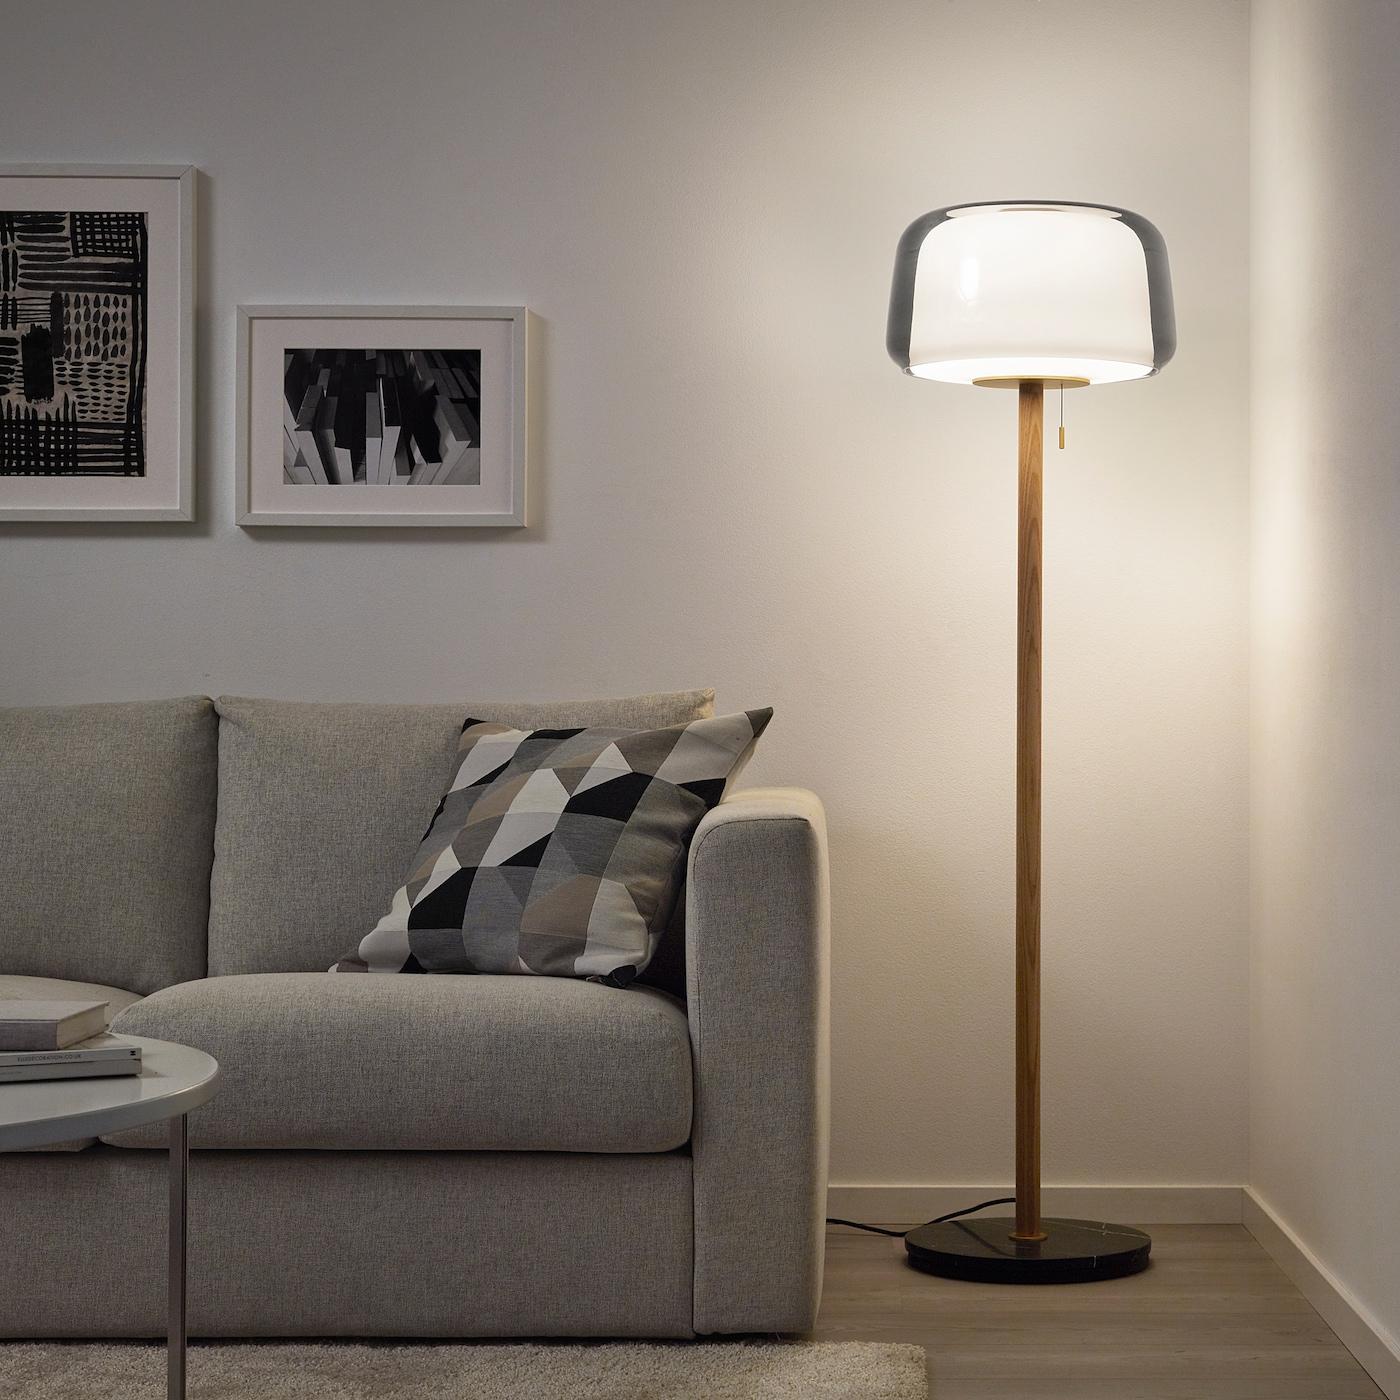 EVEDAL Golvlampa marmorgrå